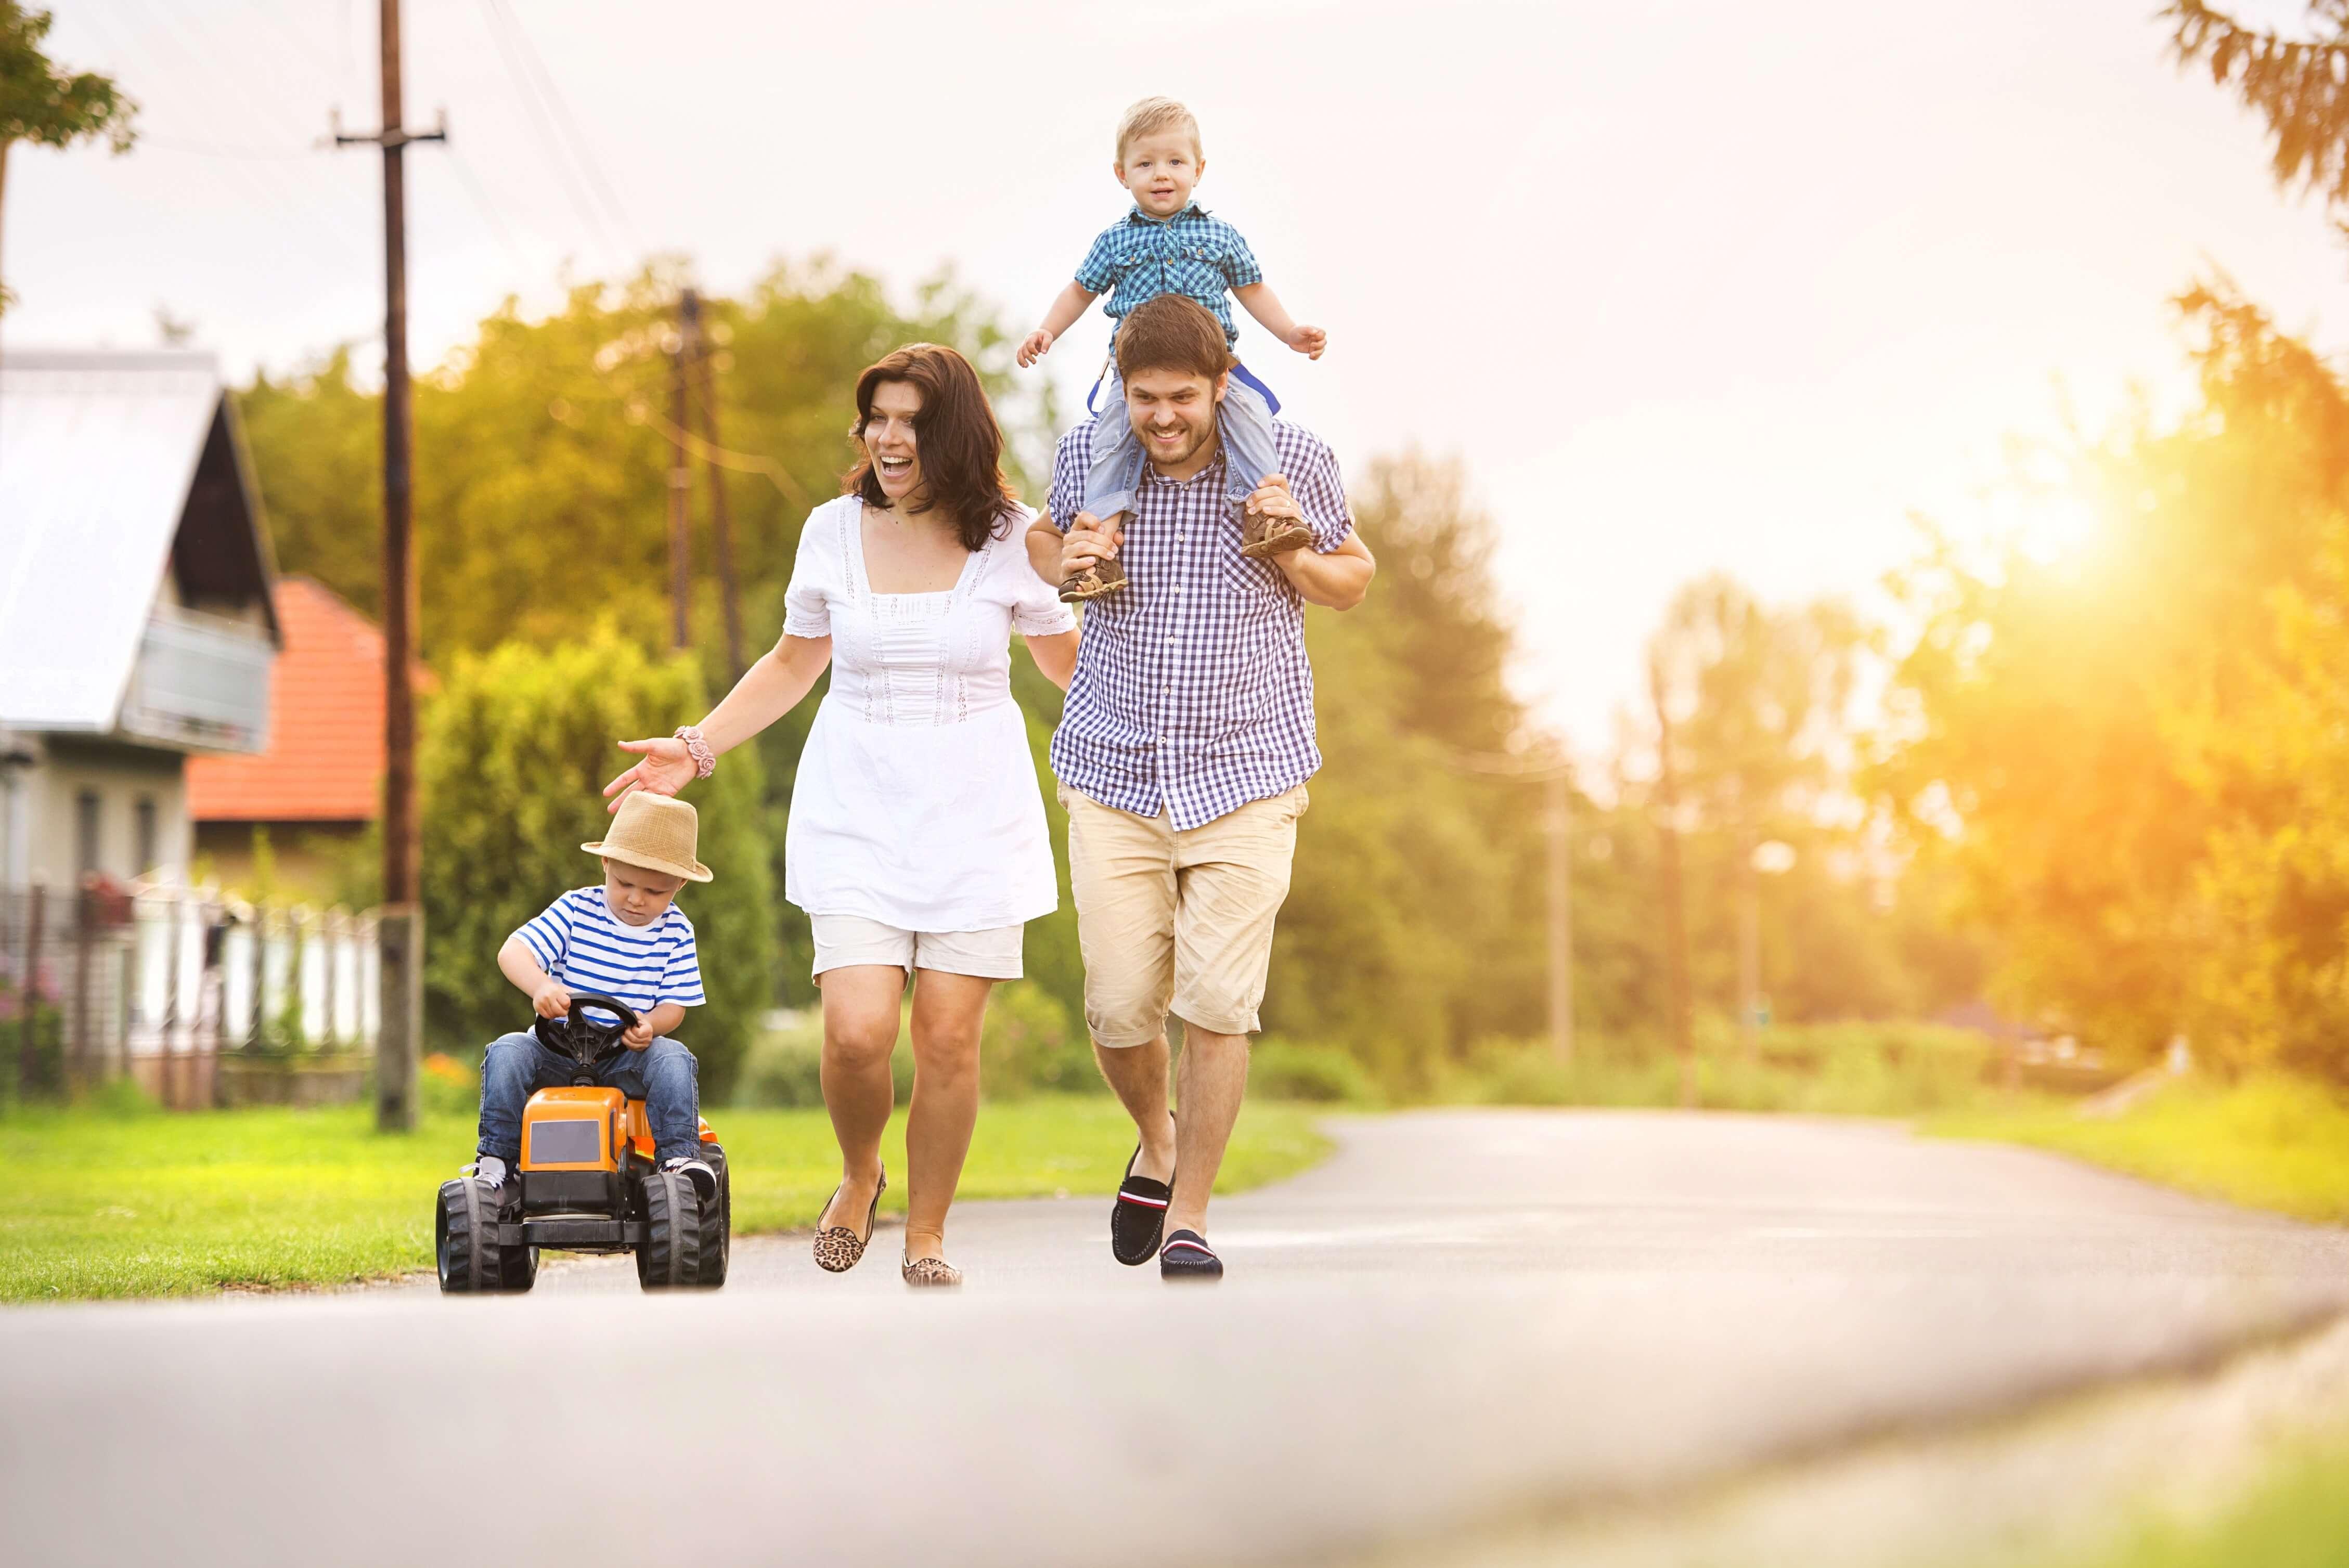 Ide költözz, ha bővül a család!